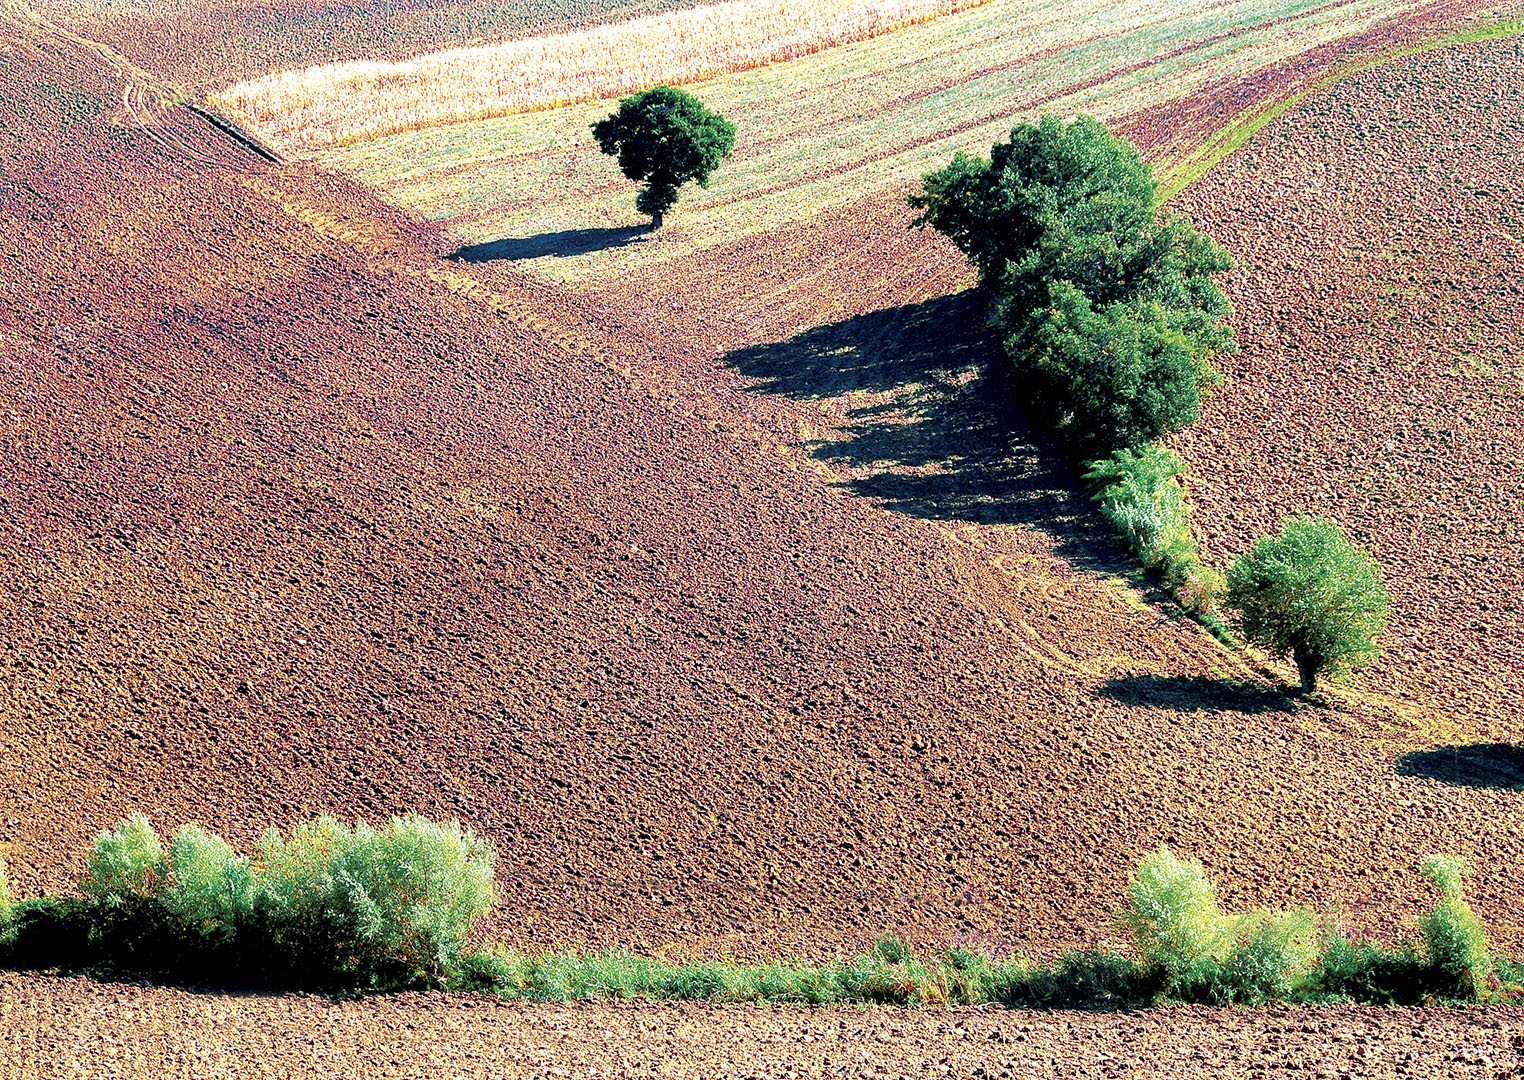 Landscapes_258_I08-8.43